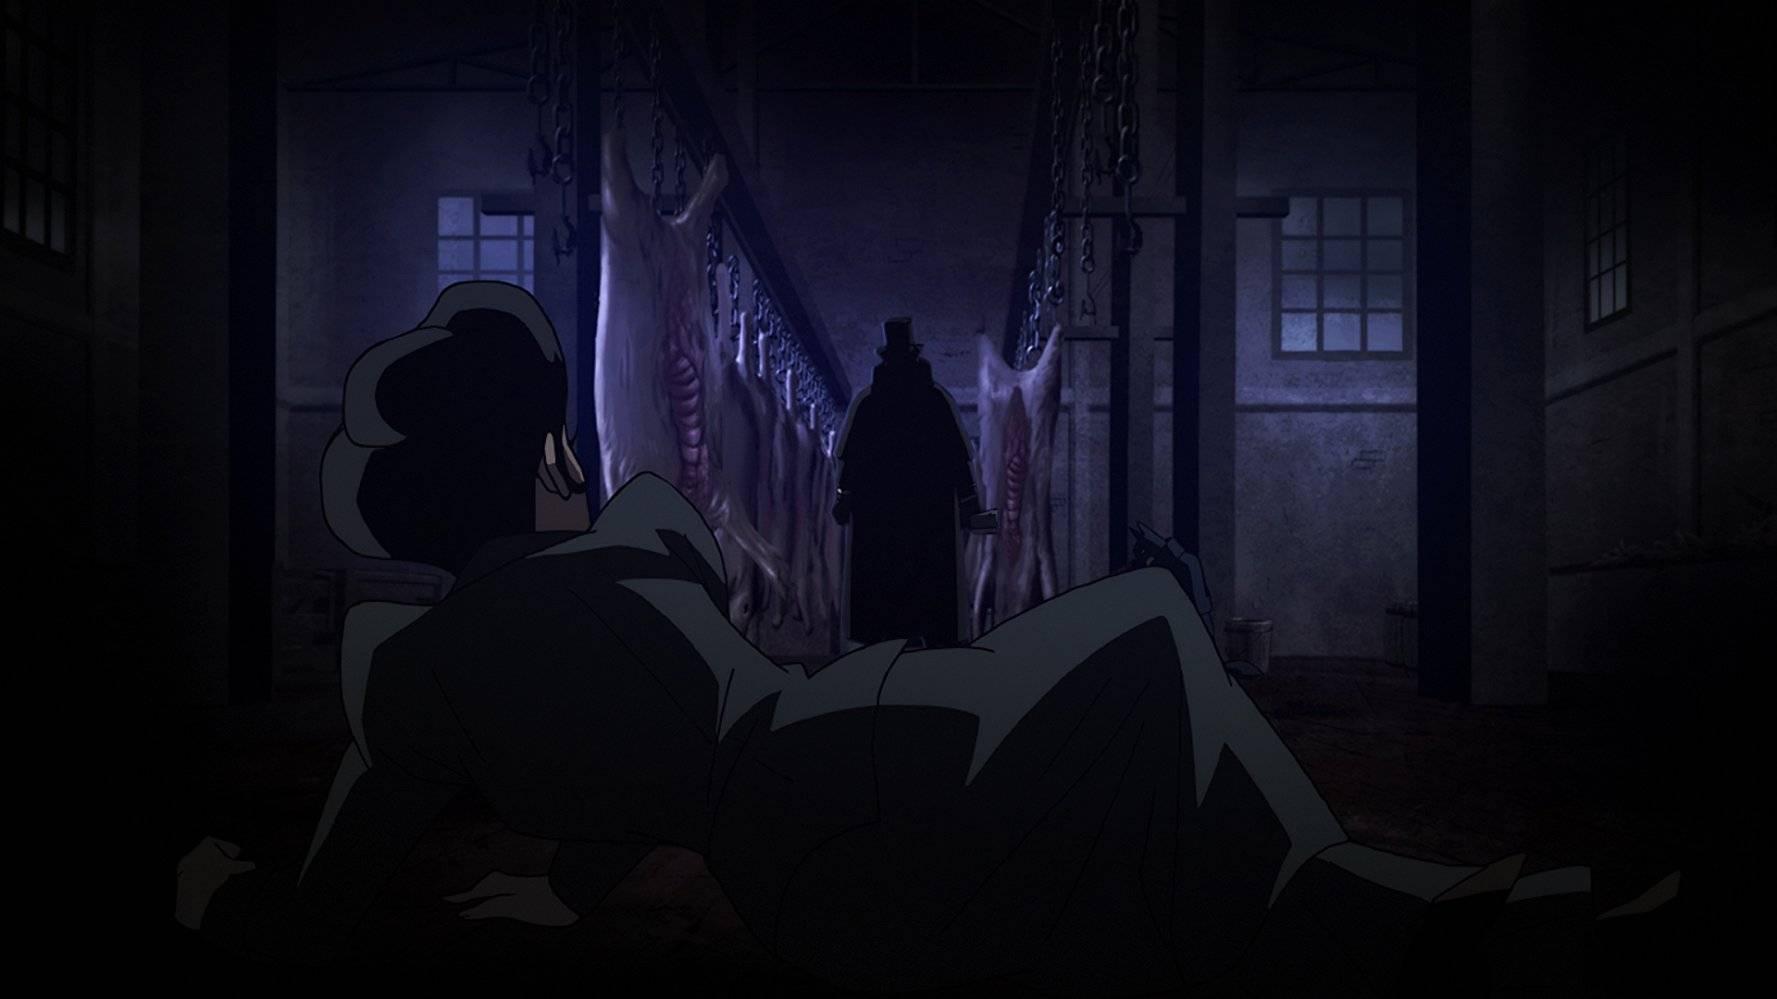 «Бэтмен: Готэм в газовом свете»: интересный мир, скучный детектив 2